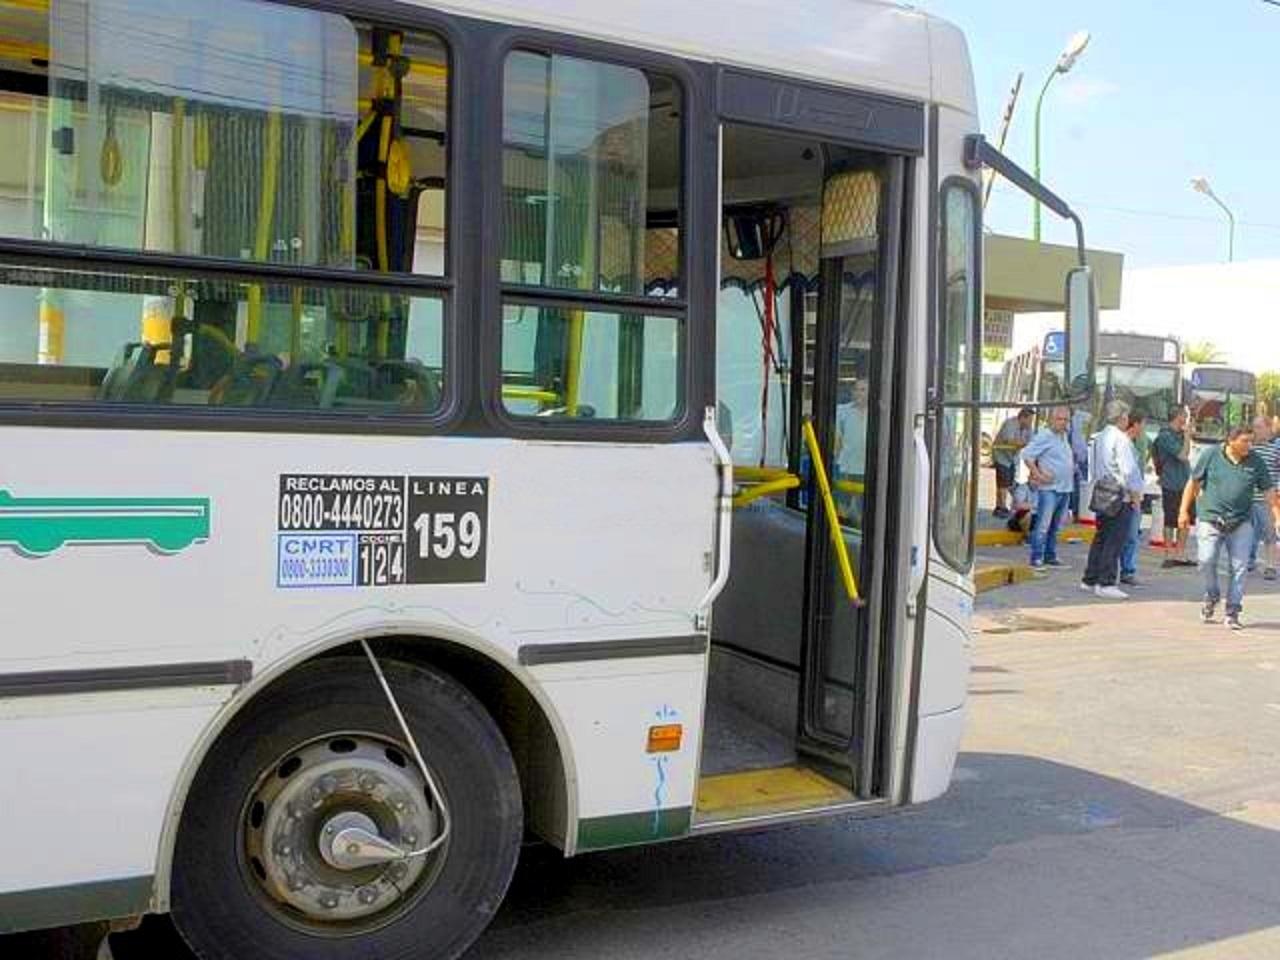 Analizan medidas para mejorar el transporte público en Quilmes